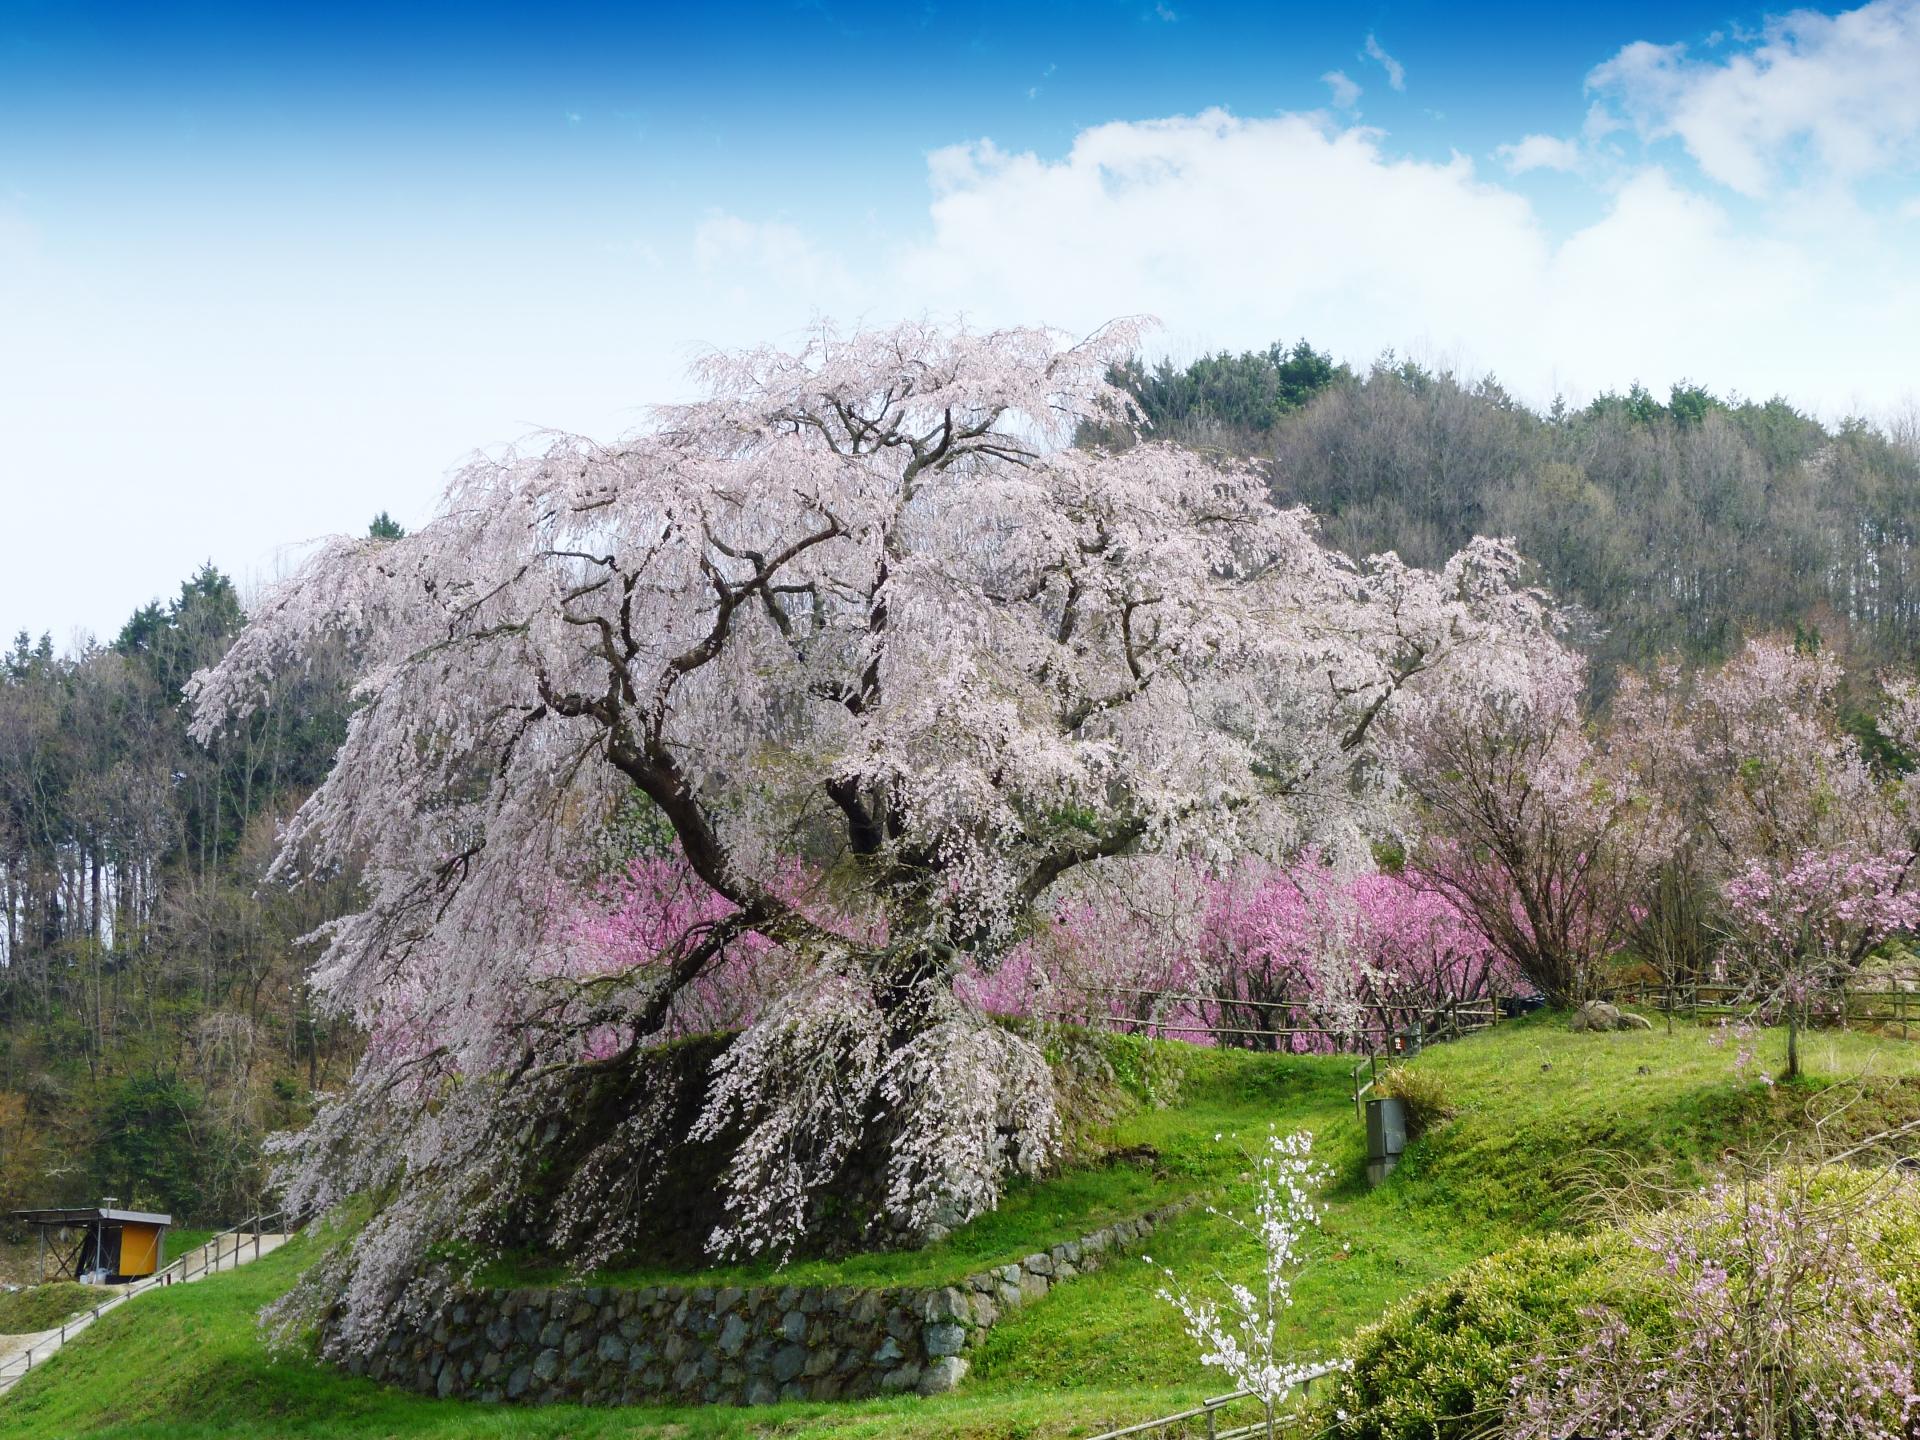 890147_m 奈良県  又兵衛桜(樹齢300年の美しい枝垂れ桜が咲く春におすすめのスポット! 写真の紹介、アクセス情報や駐車場情報など)